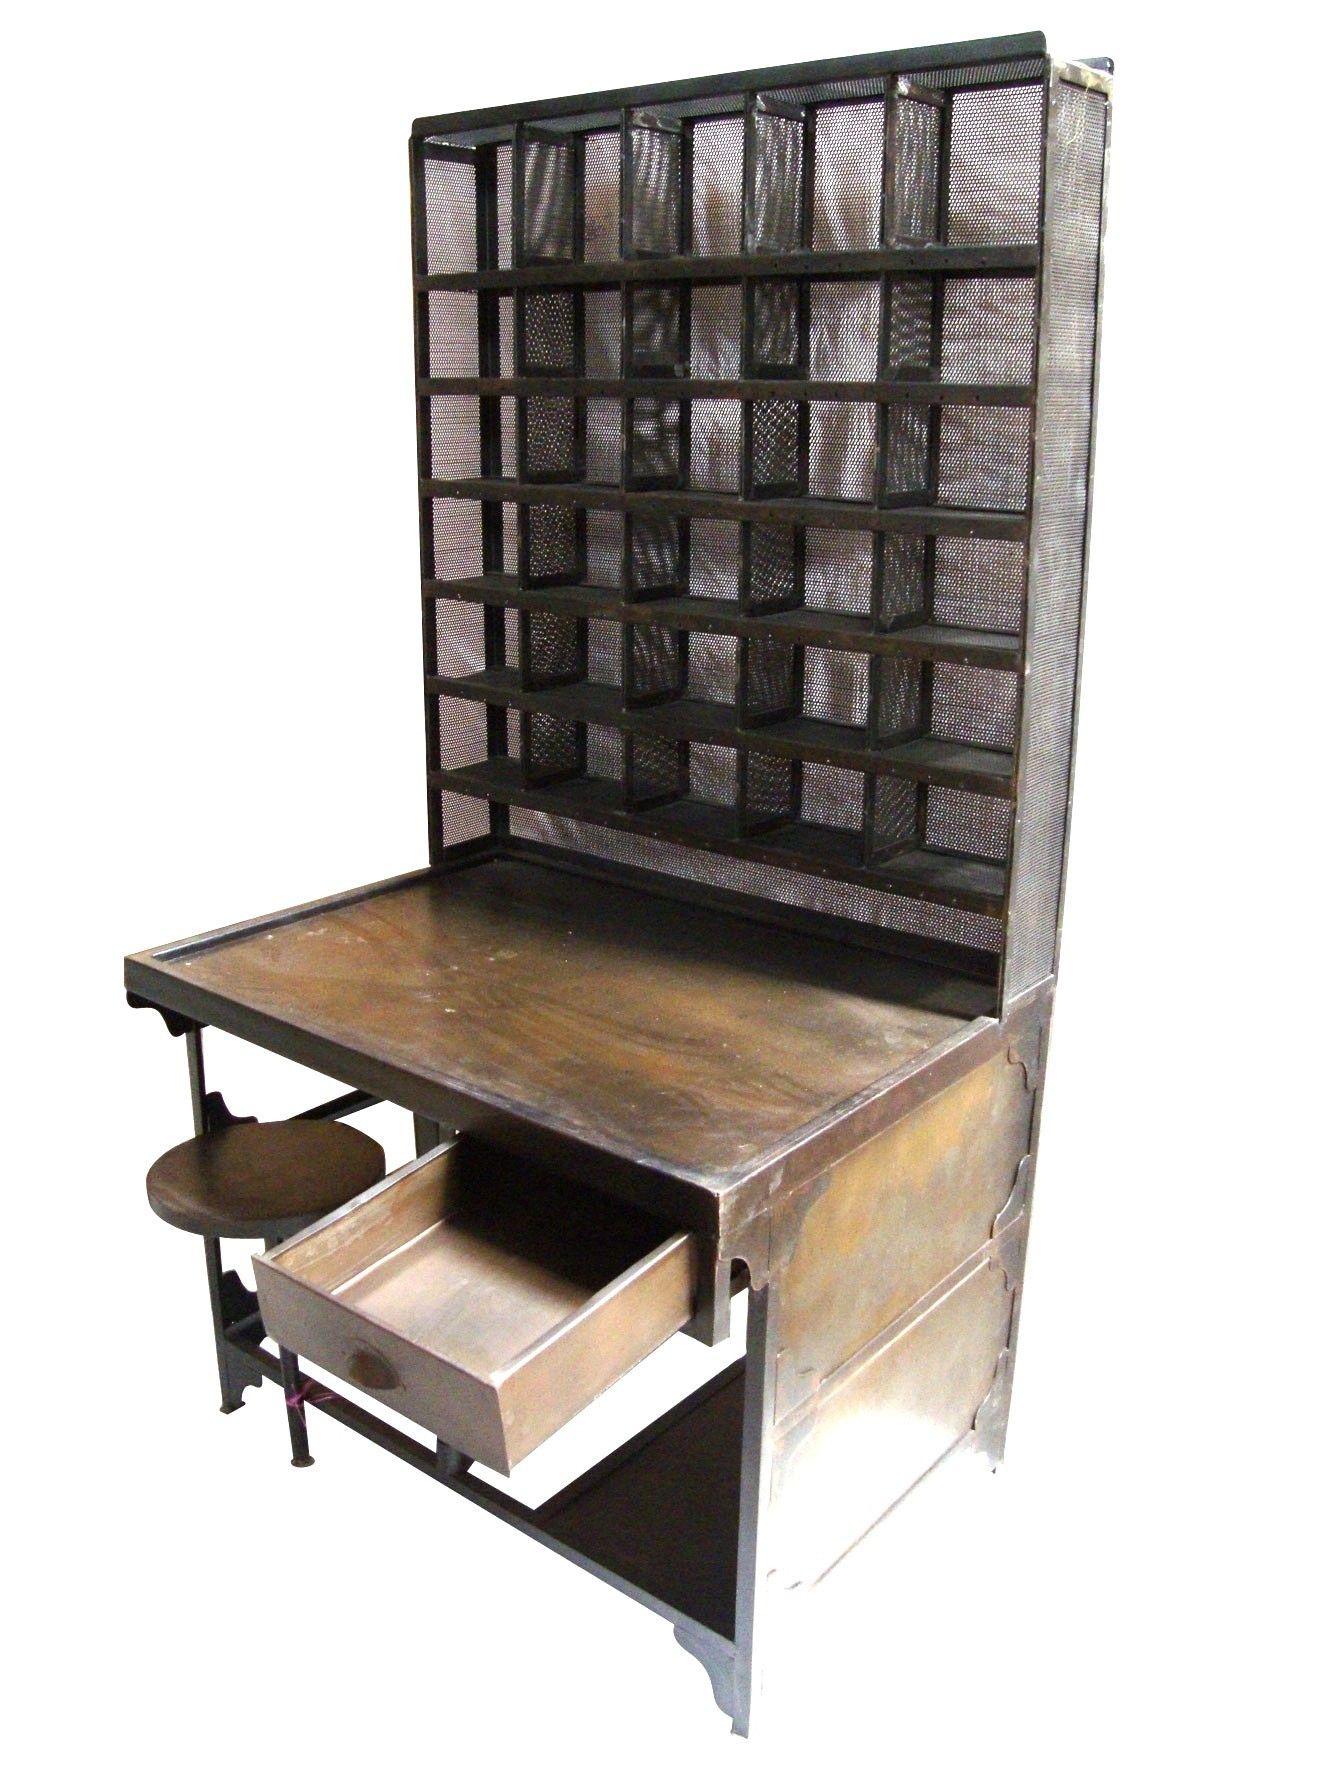 Bureau Flottant Moderne Avec Tablettes Expresso Bureaux Et Postes De Travail Best Buy Canada Floating Desk Desk Storage Prepac Floating Desk